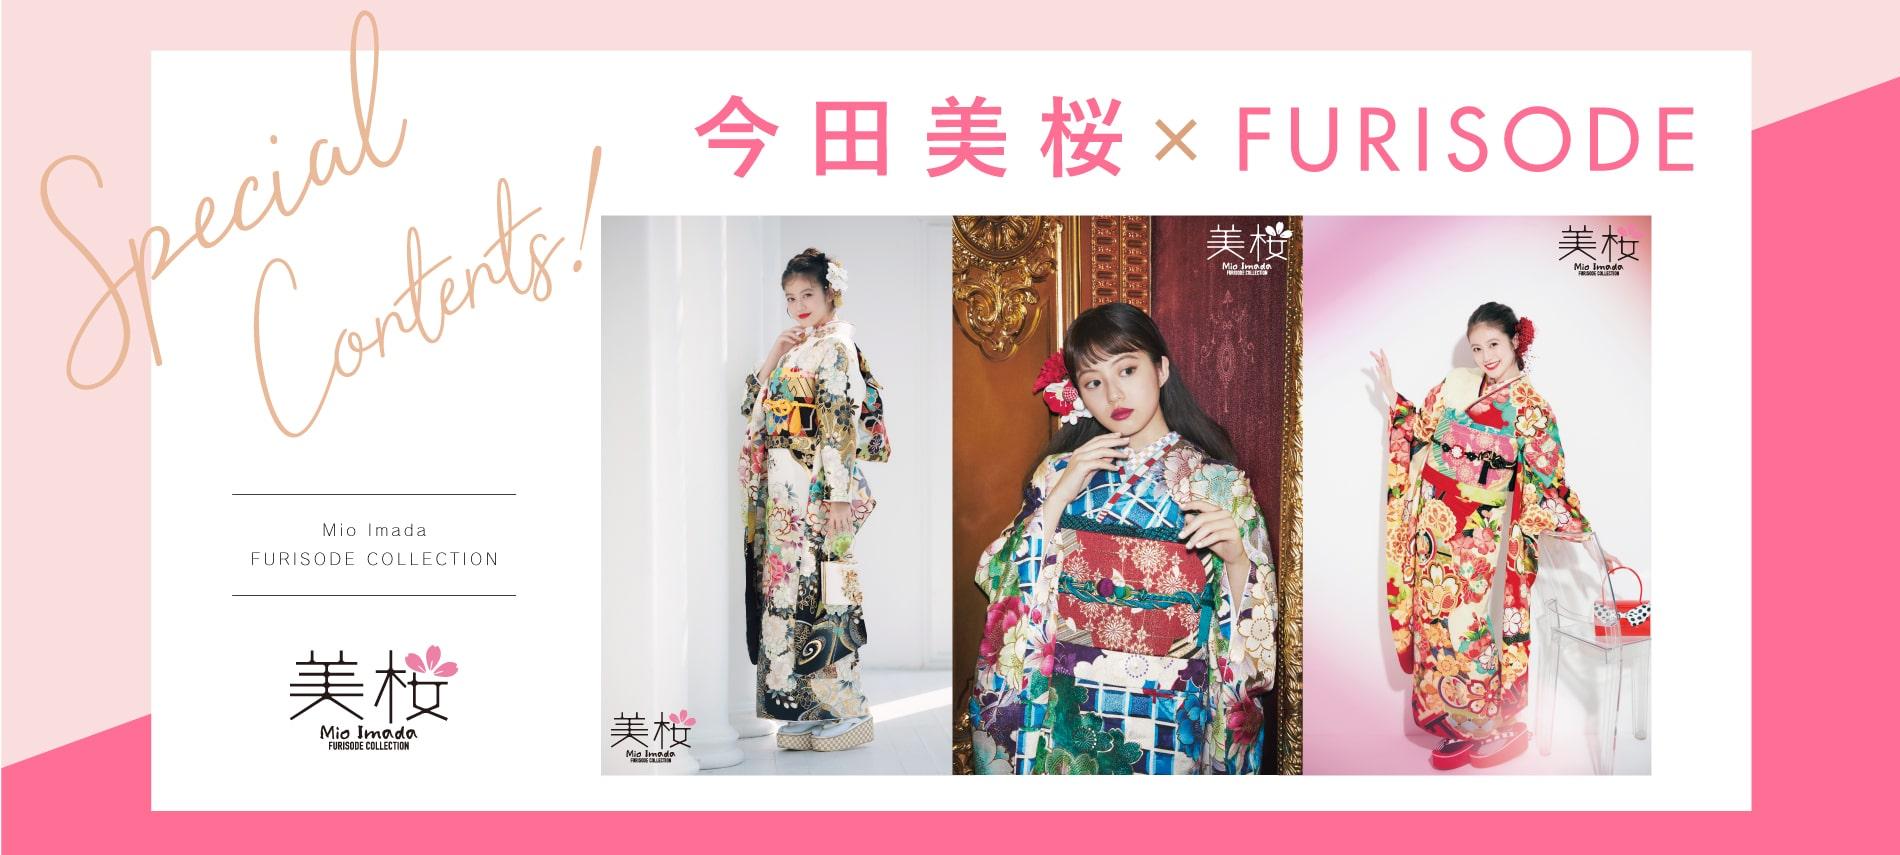 今田美桜さん着用の成人式のレンタル振袖